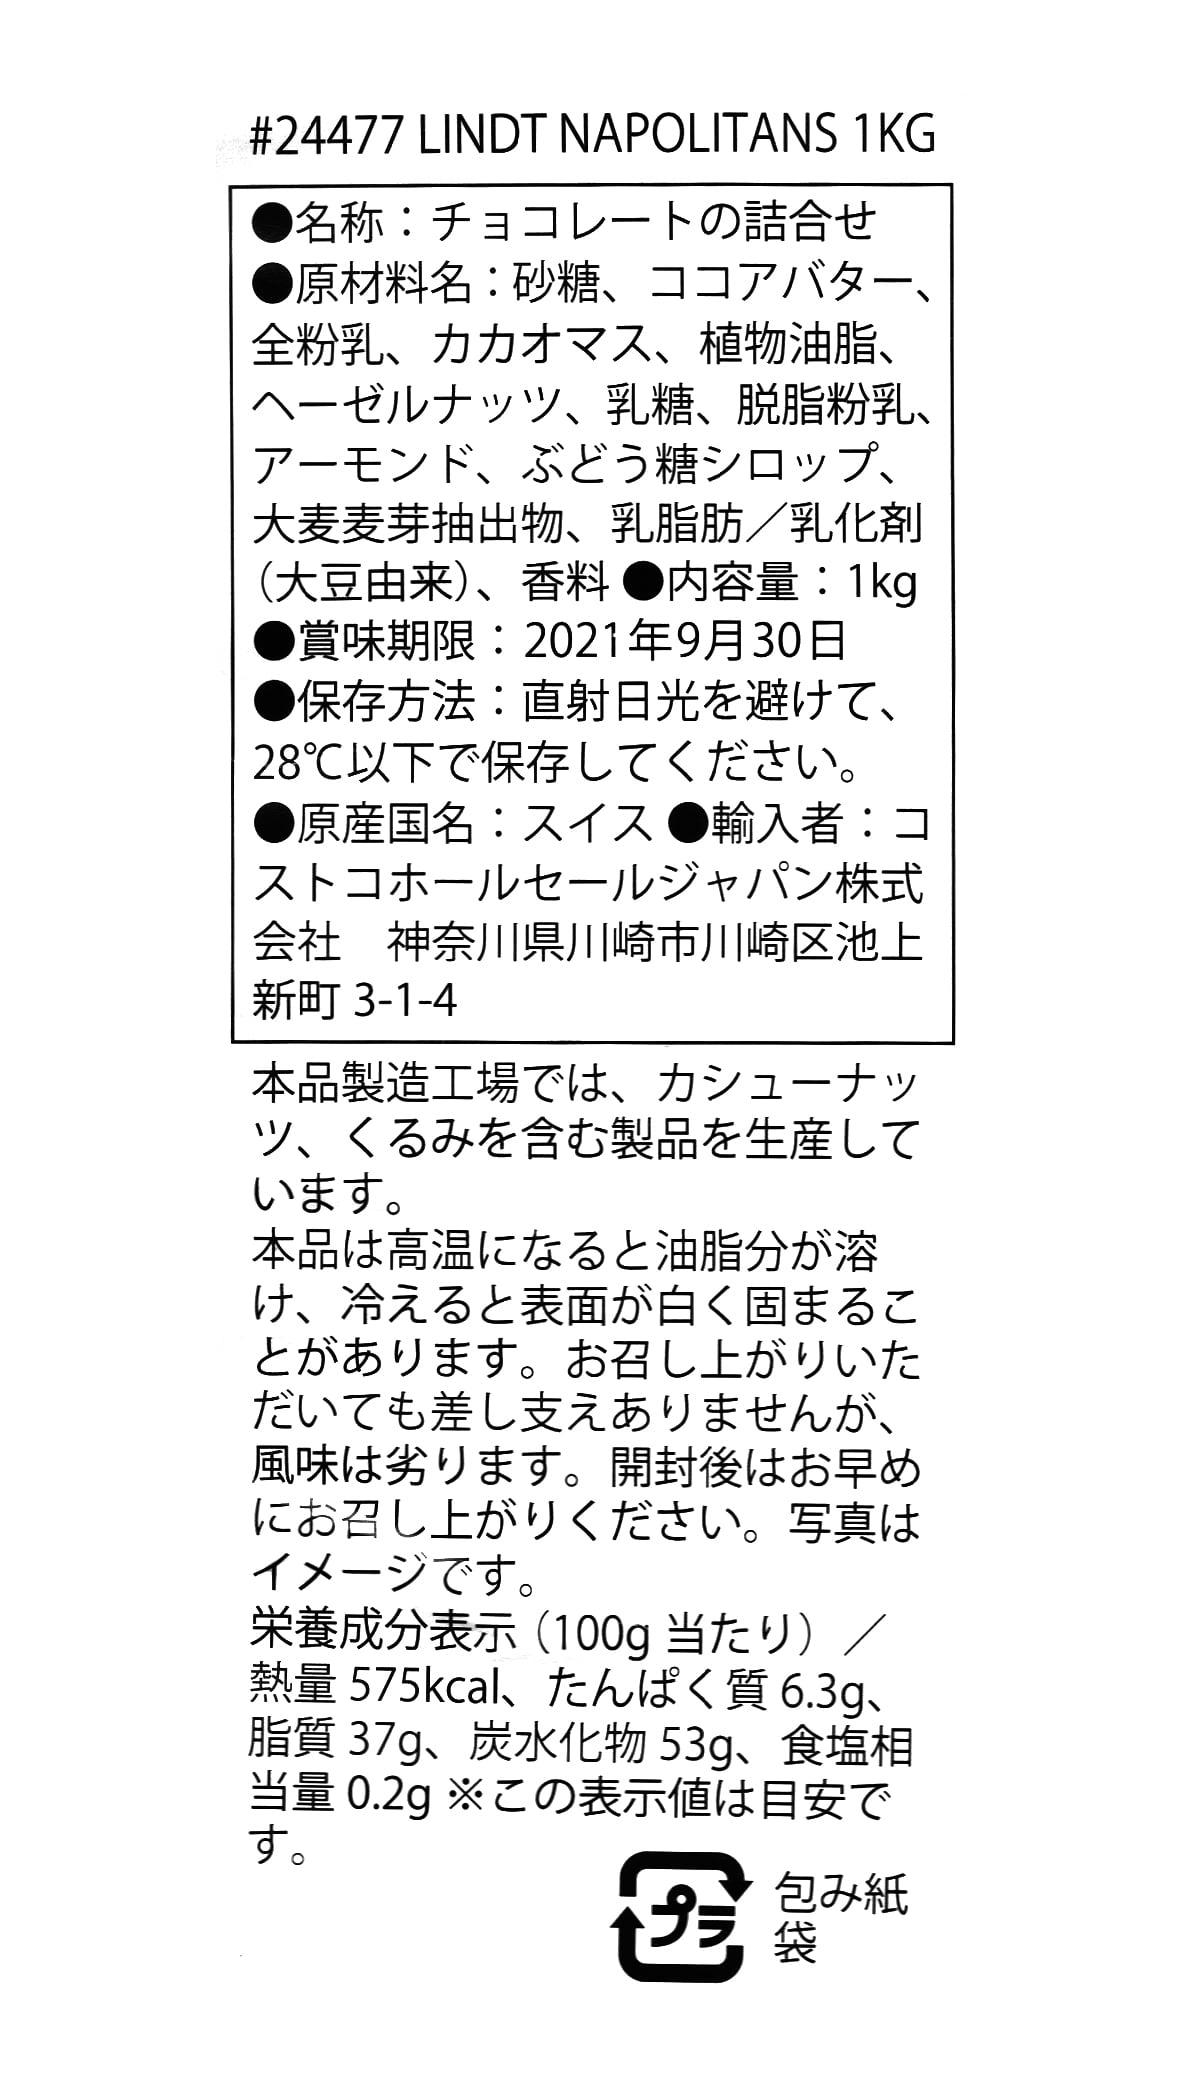 リンツ ナポリタン 1kg 商品ラベル(原材料・カロリーほか)